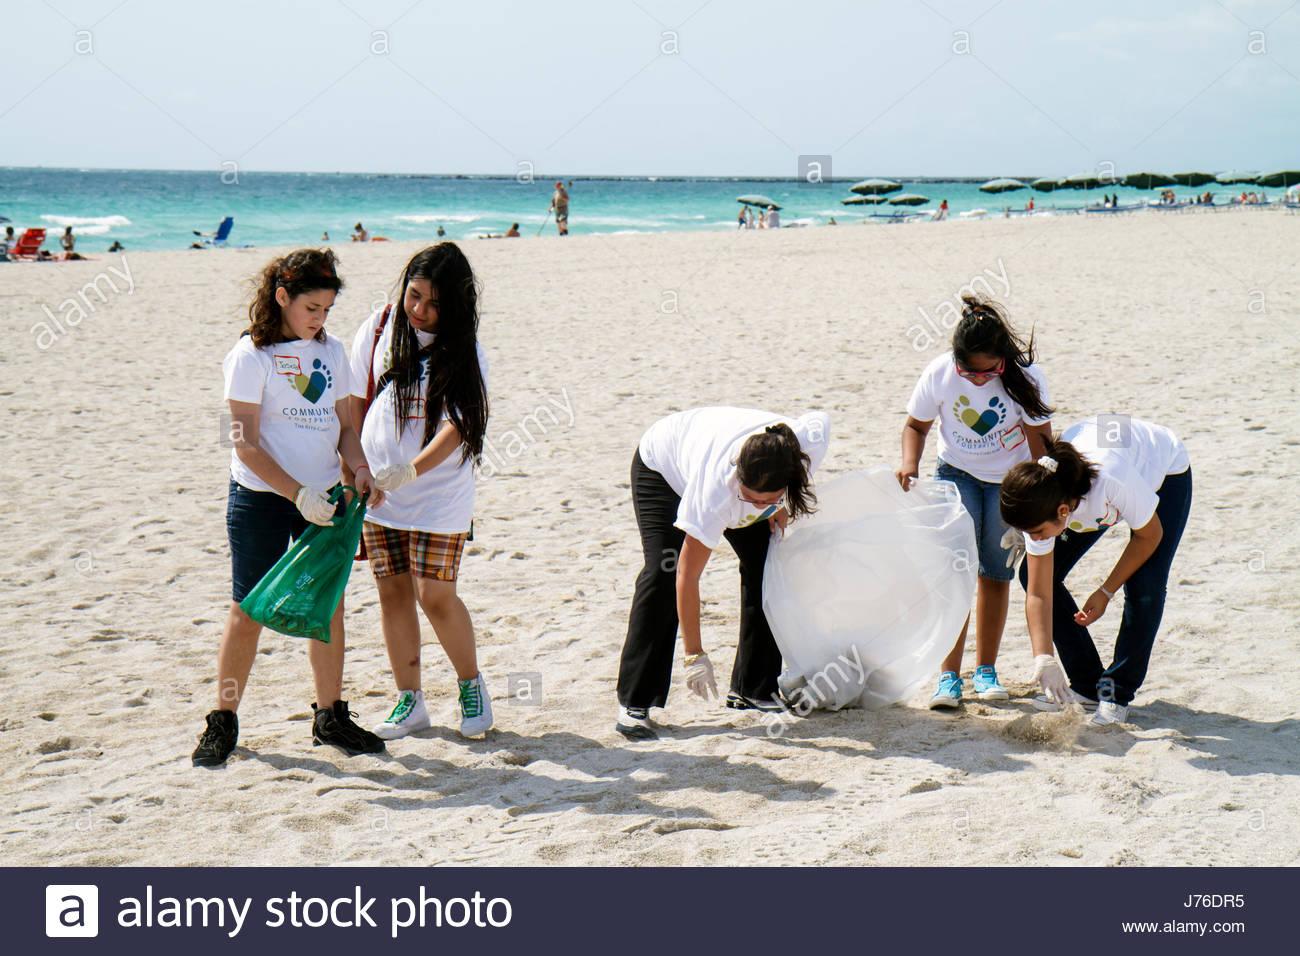 Volunteer Beach Clean Up Florida